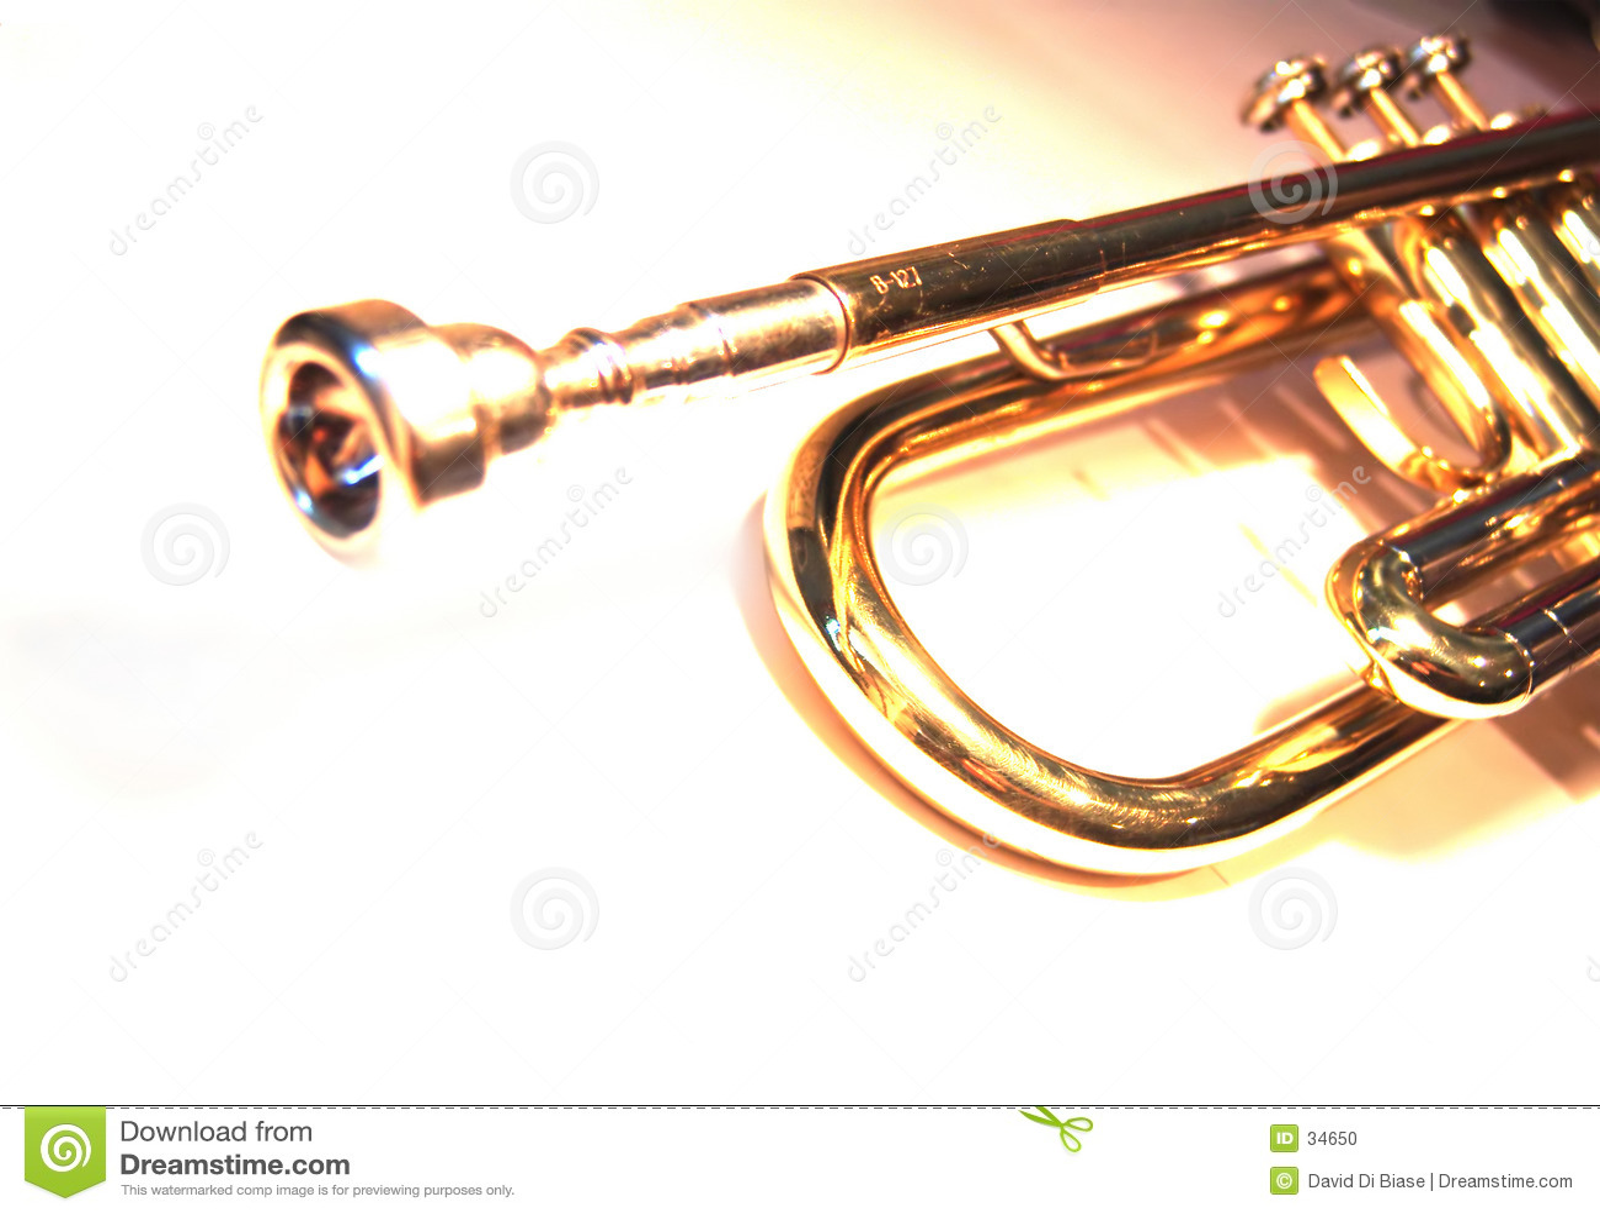 Bb Trumpet